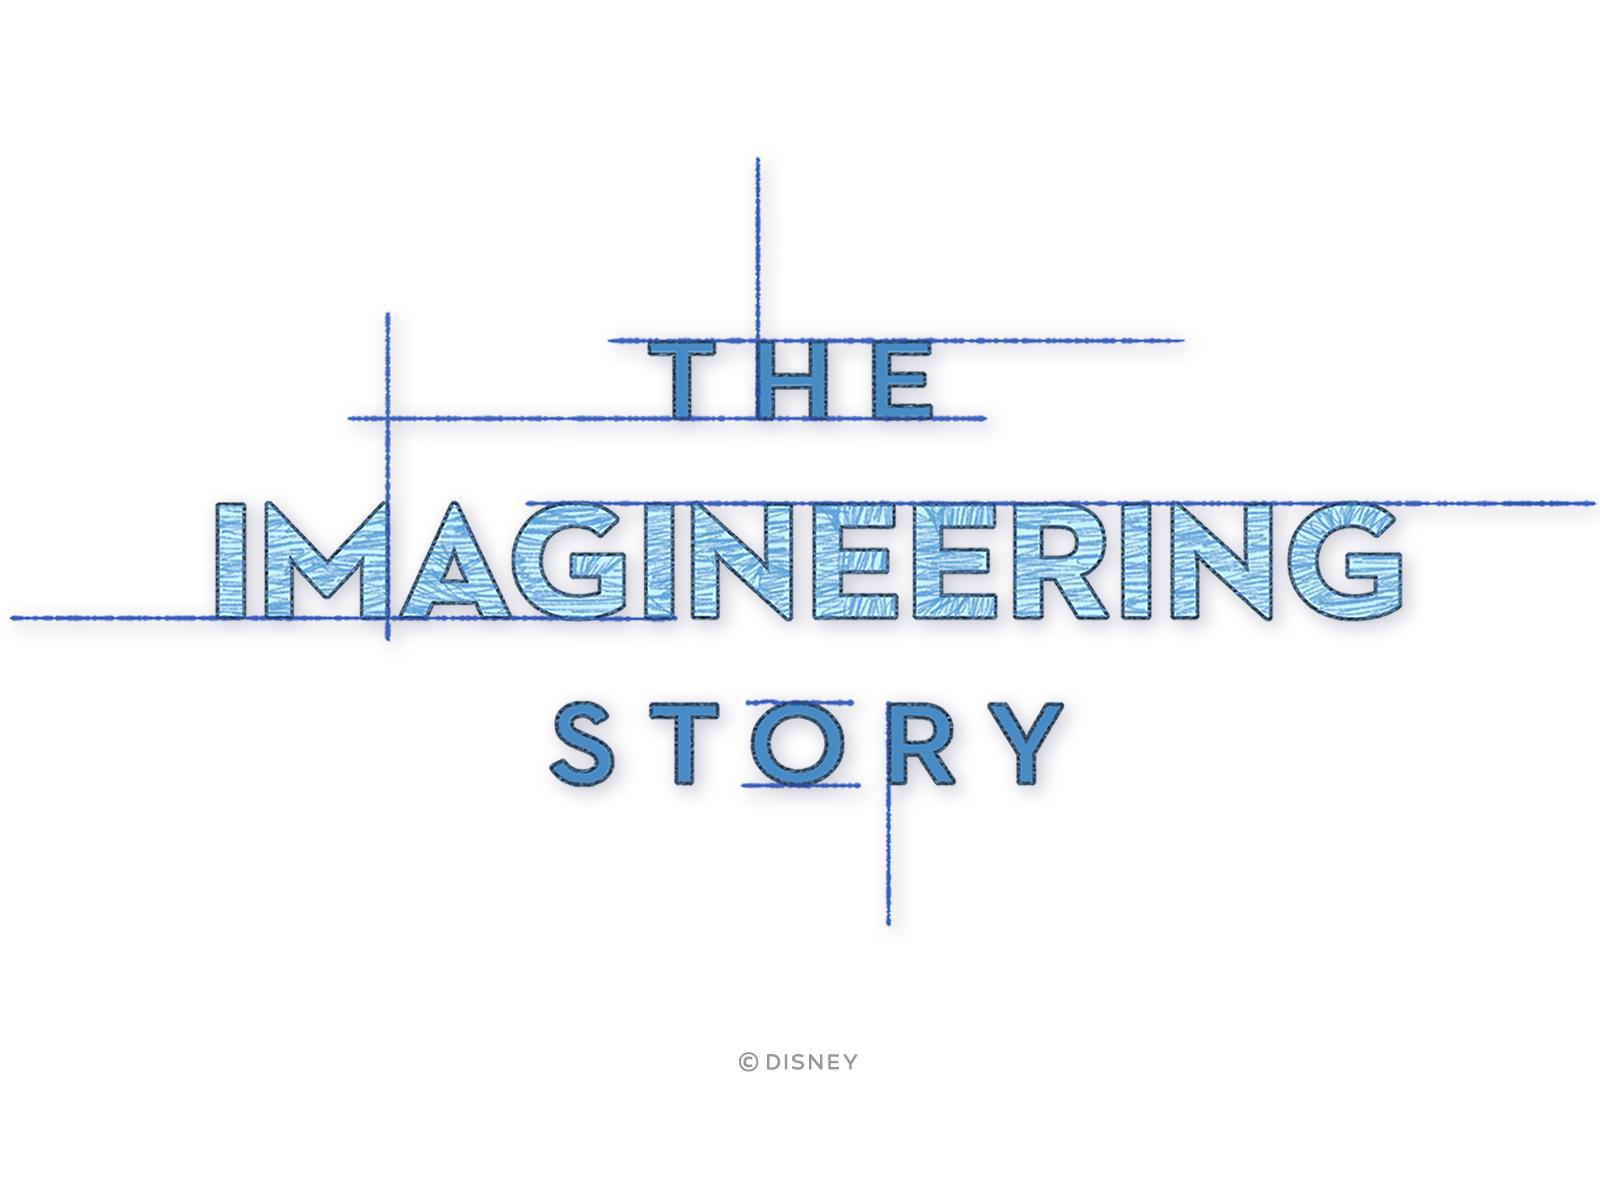 Logo & title animation for Leslie Iwerk's doc on Disney's Imagineering